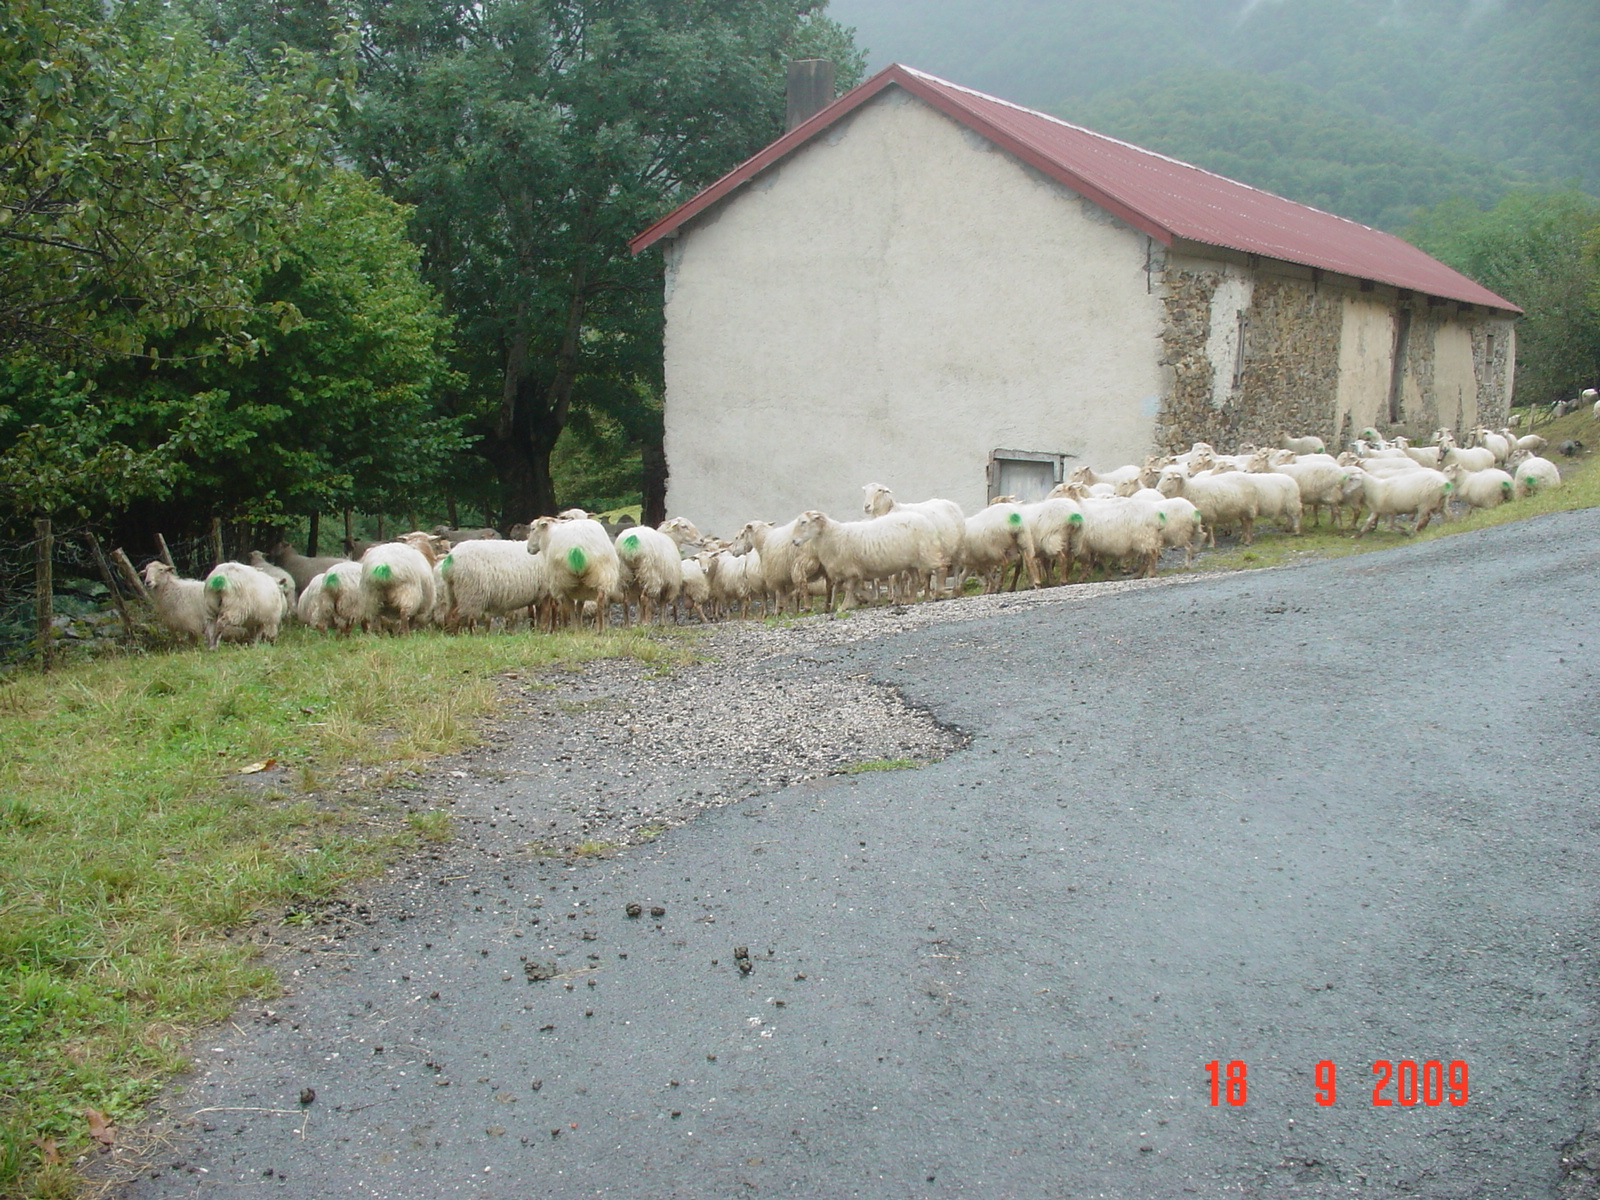 eine Schafherde kreuzt den Weg